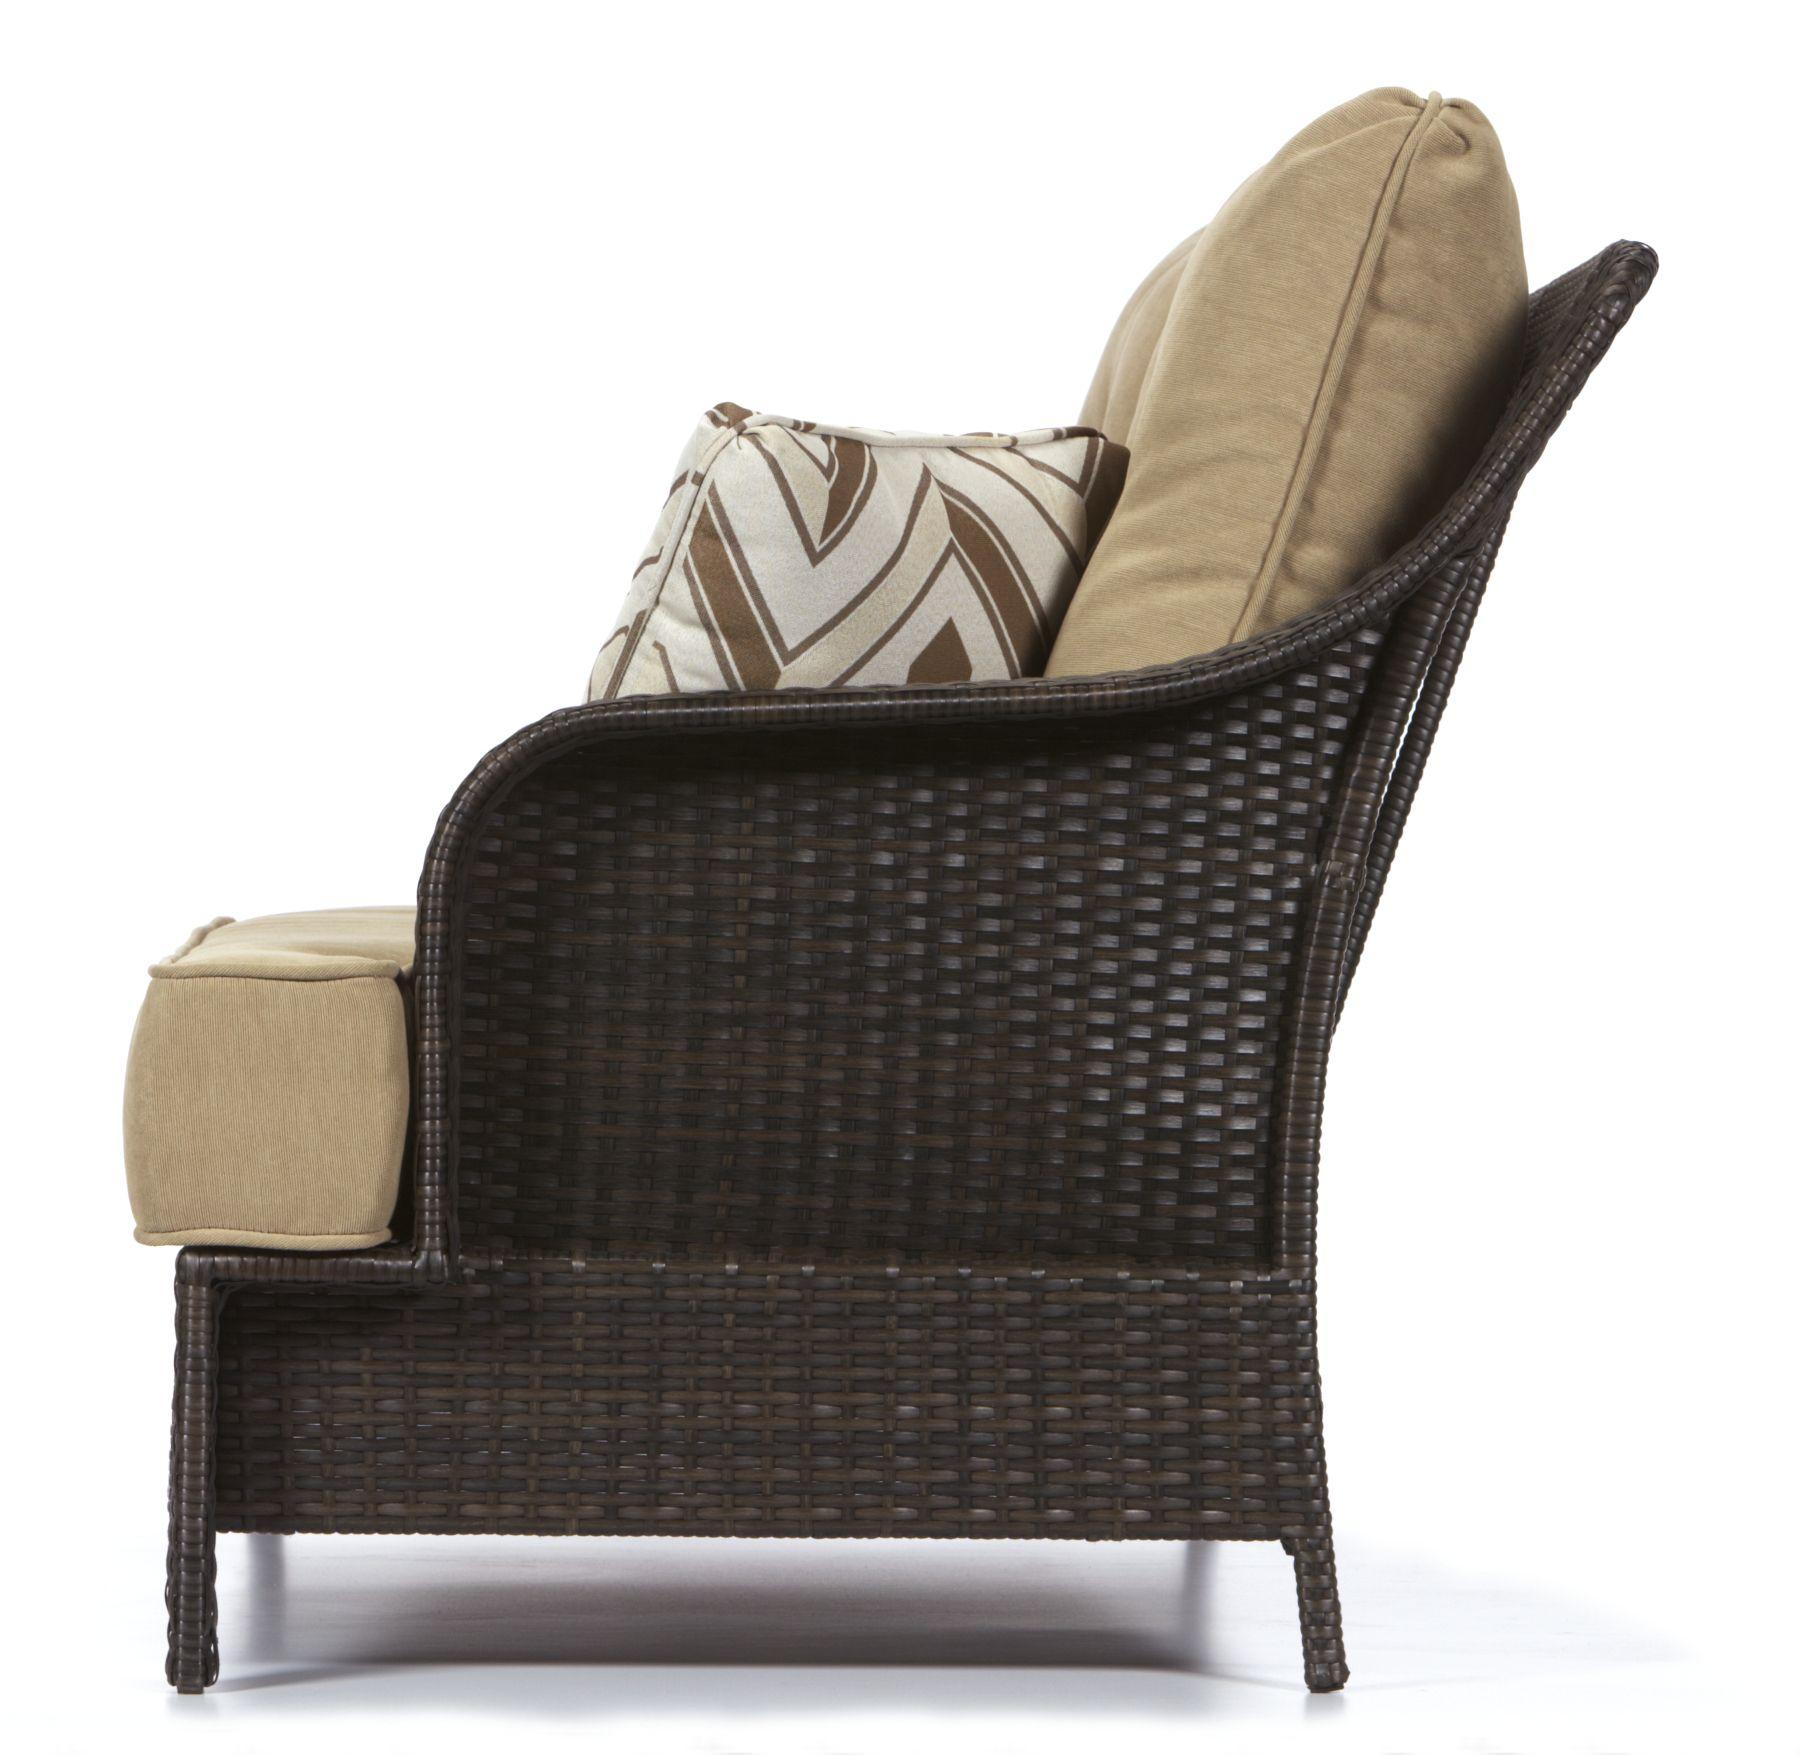 La-Z-Boy Outdoor Benjamin 3 Seat Sofa*